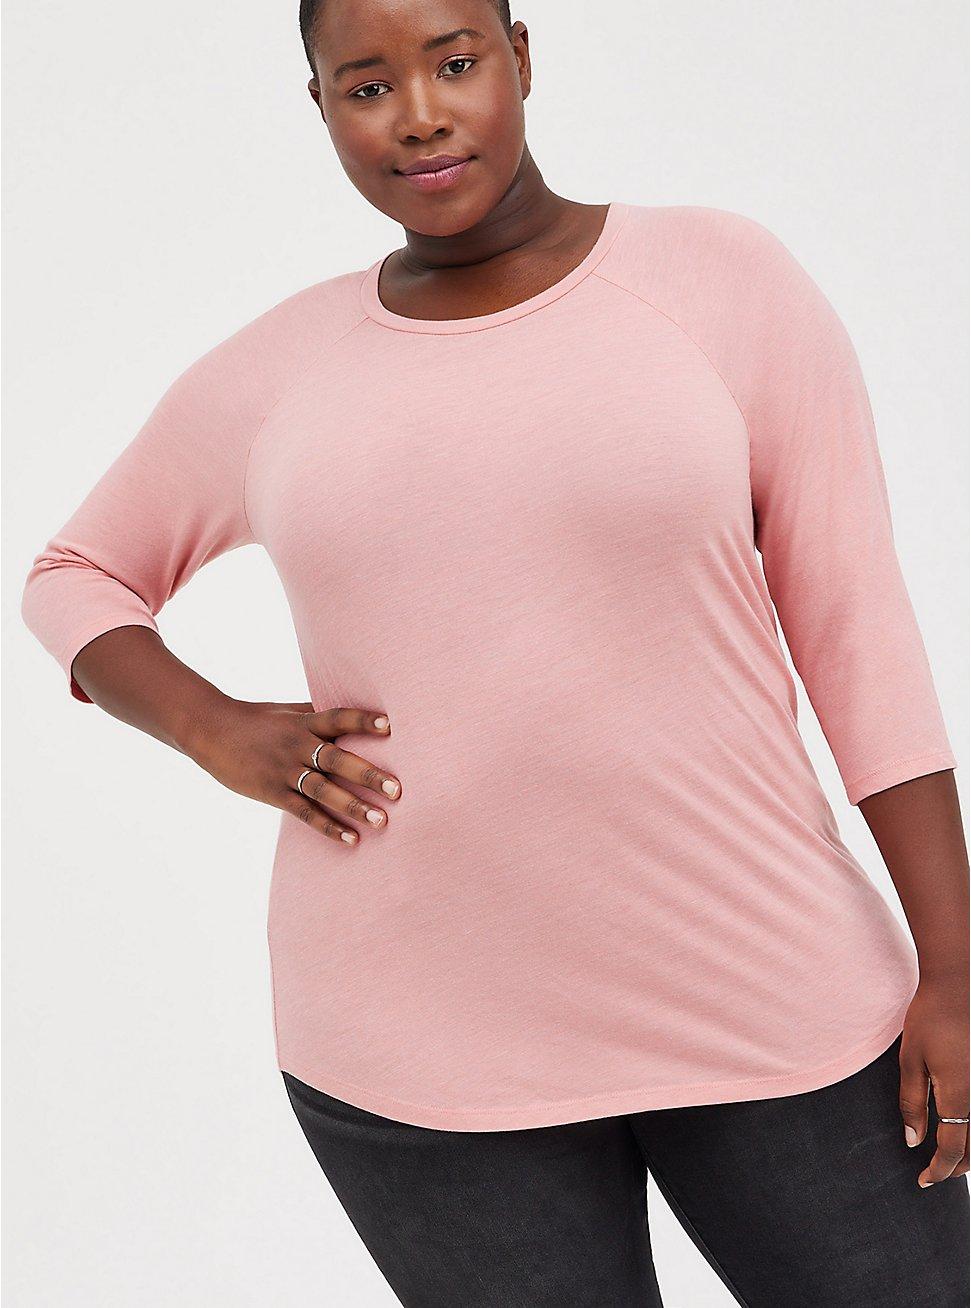 Raglan Tee - Triblend Jersey Pink, PINK, hi-res